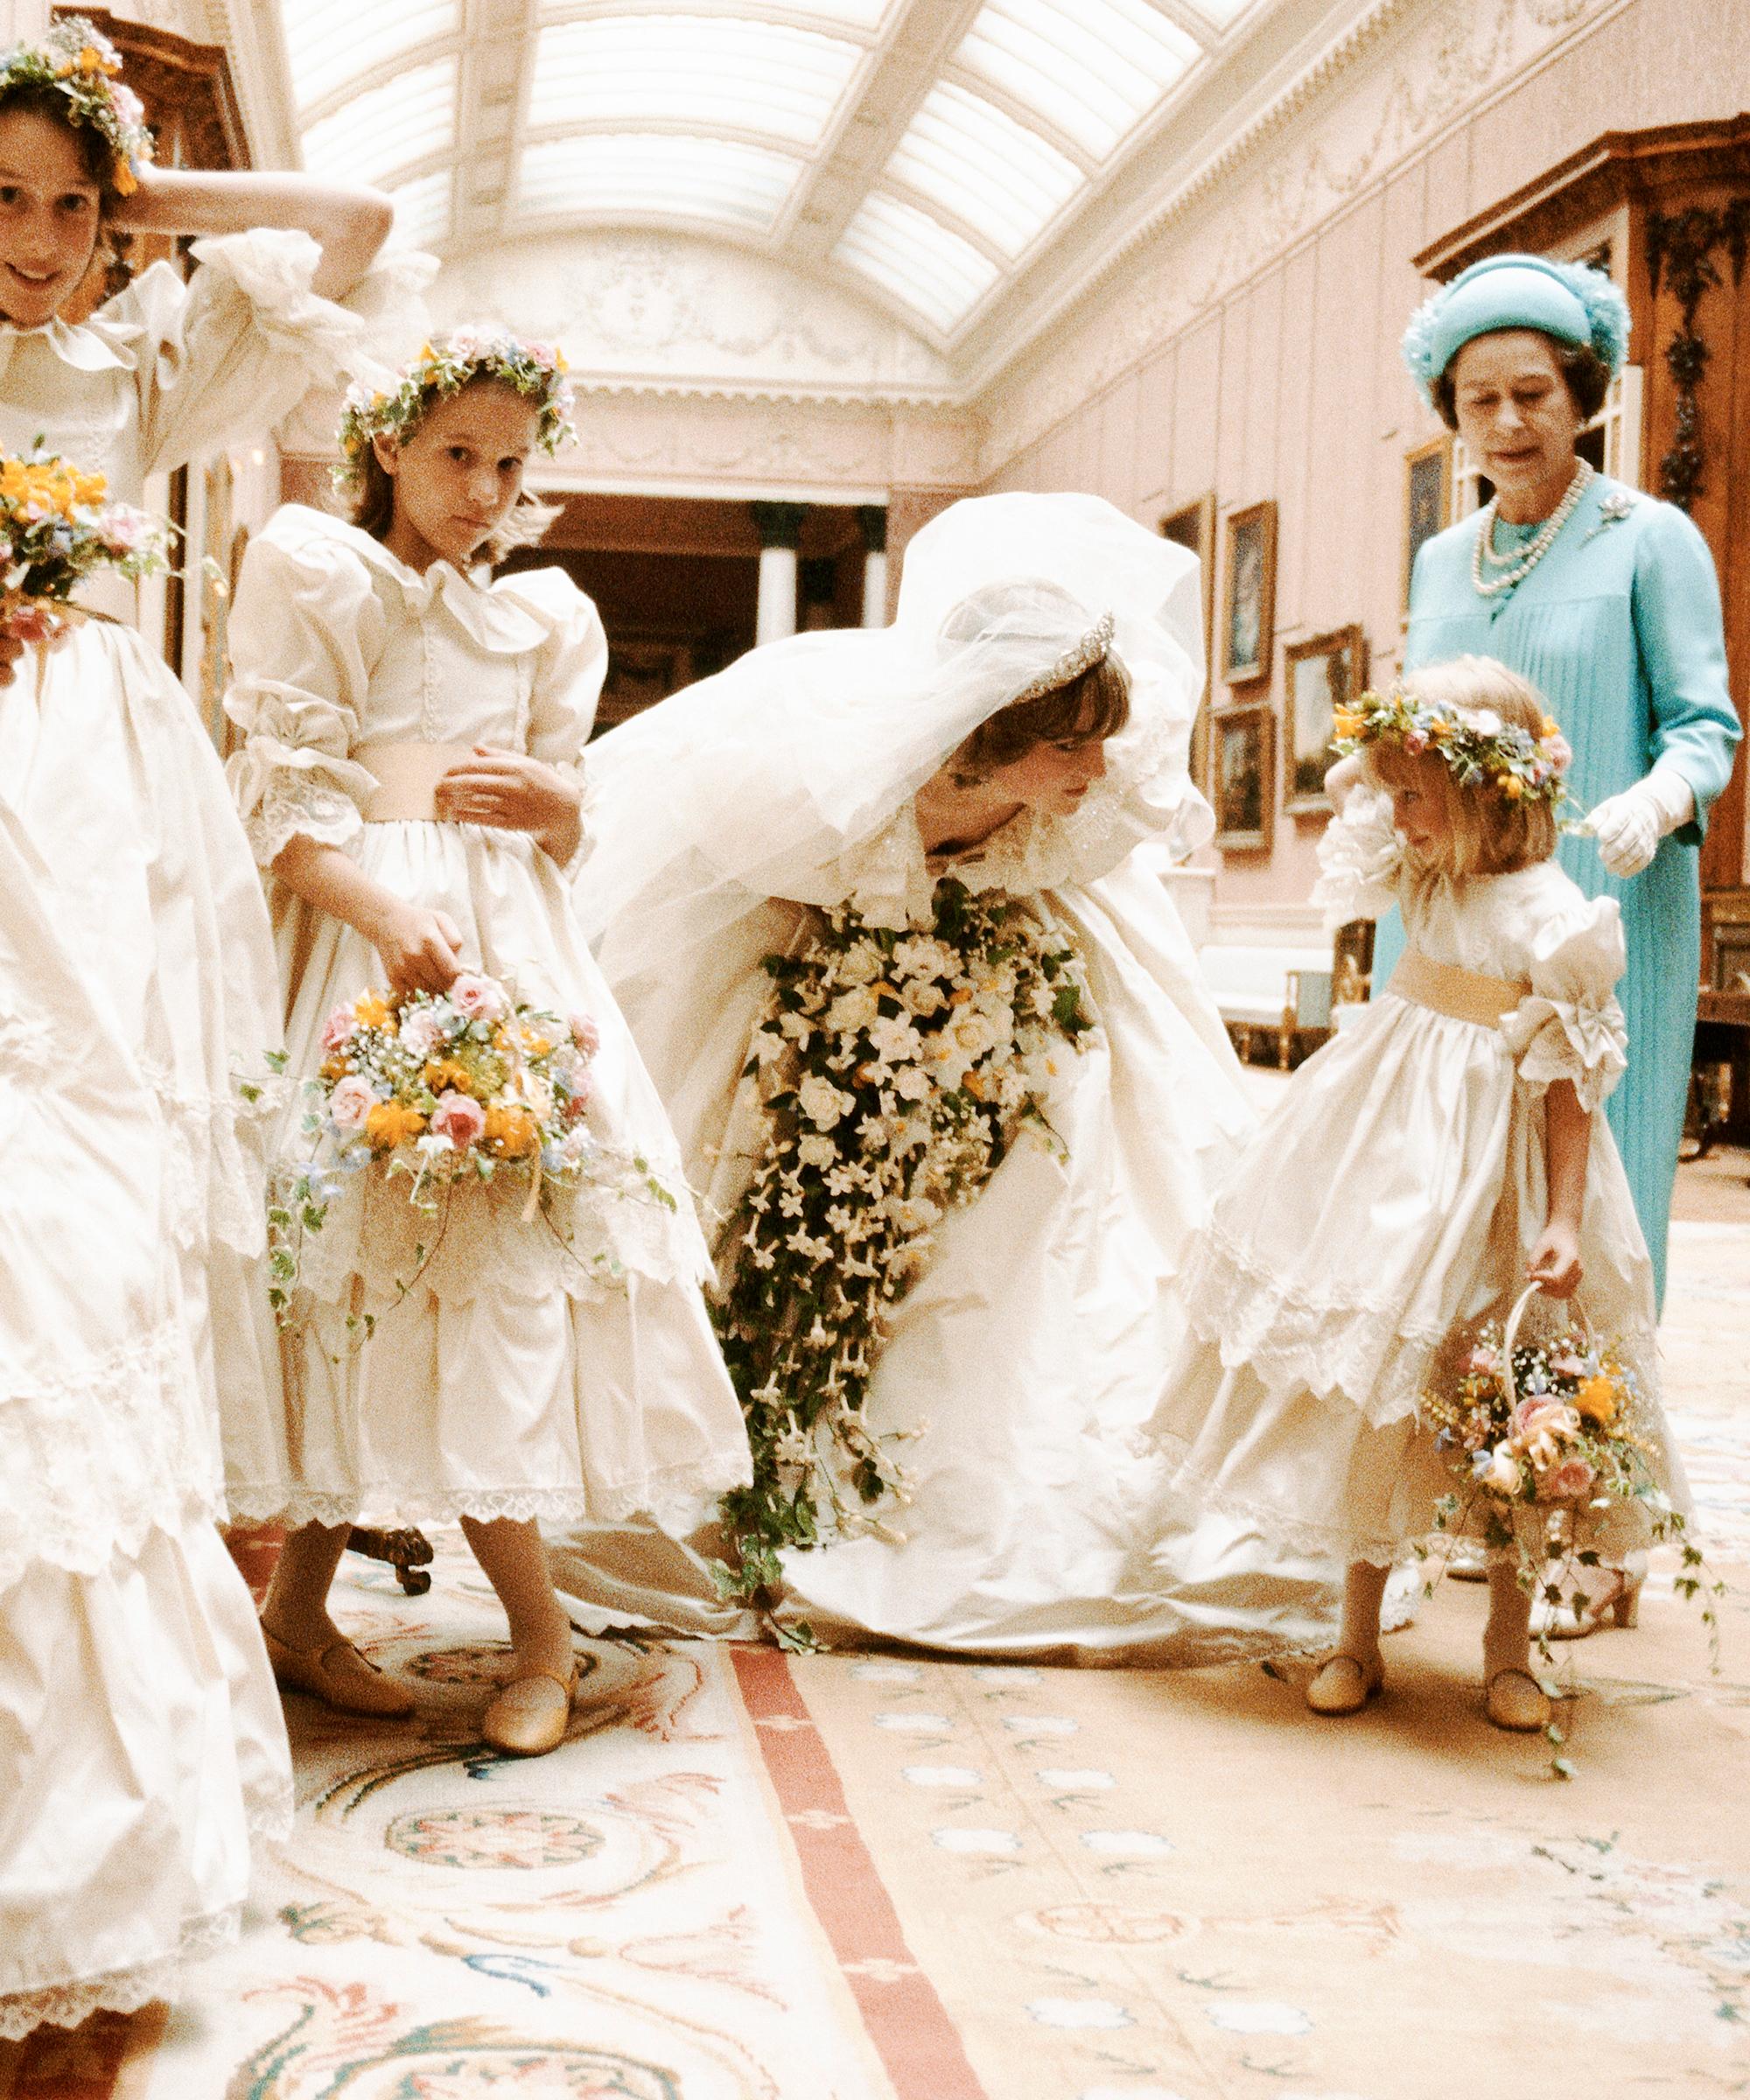 Die Hochzeit von Prince Charles & Lady Di in Zahlen